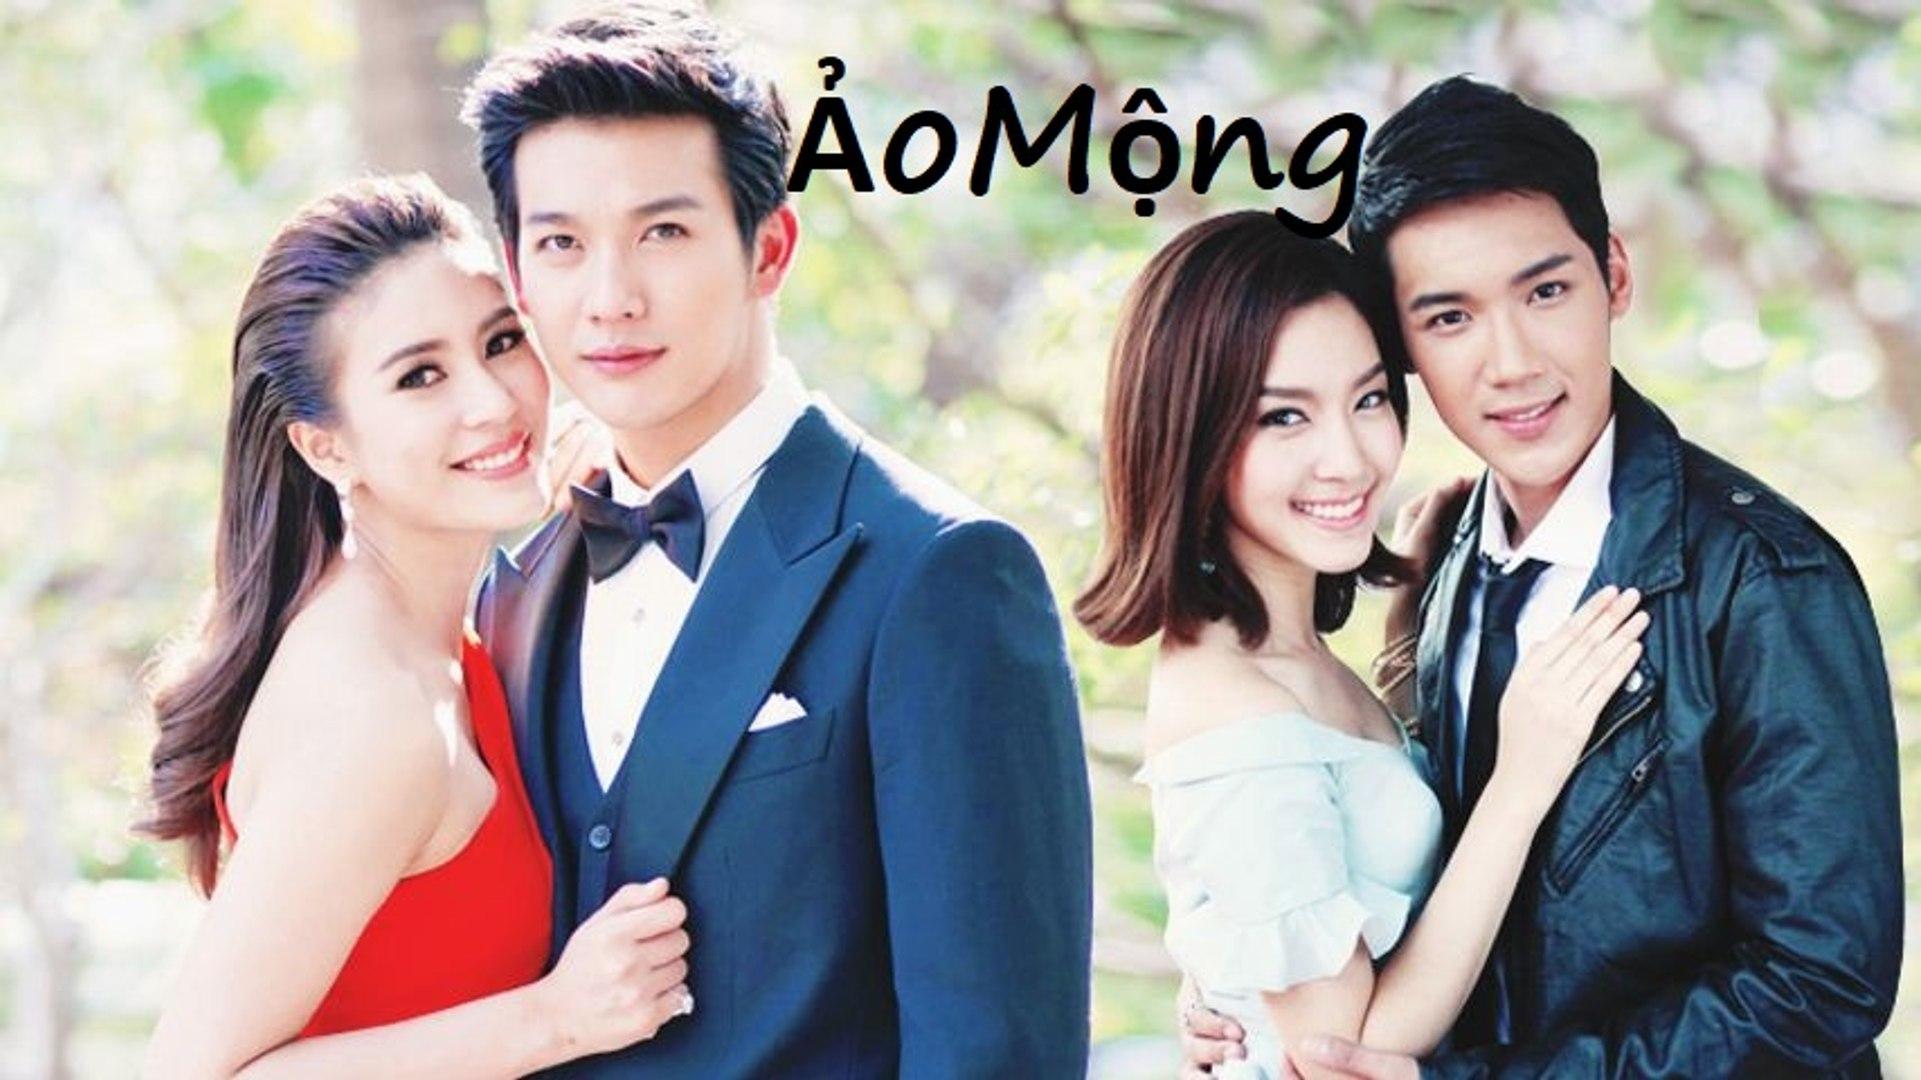 Phim Ảo Mộng Tập 27 (Lồng Tiếng) - Phim Thái Lan - Phim Tình Cảm